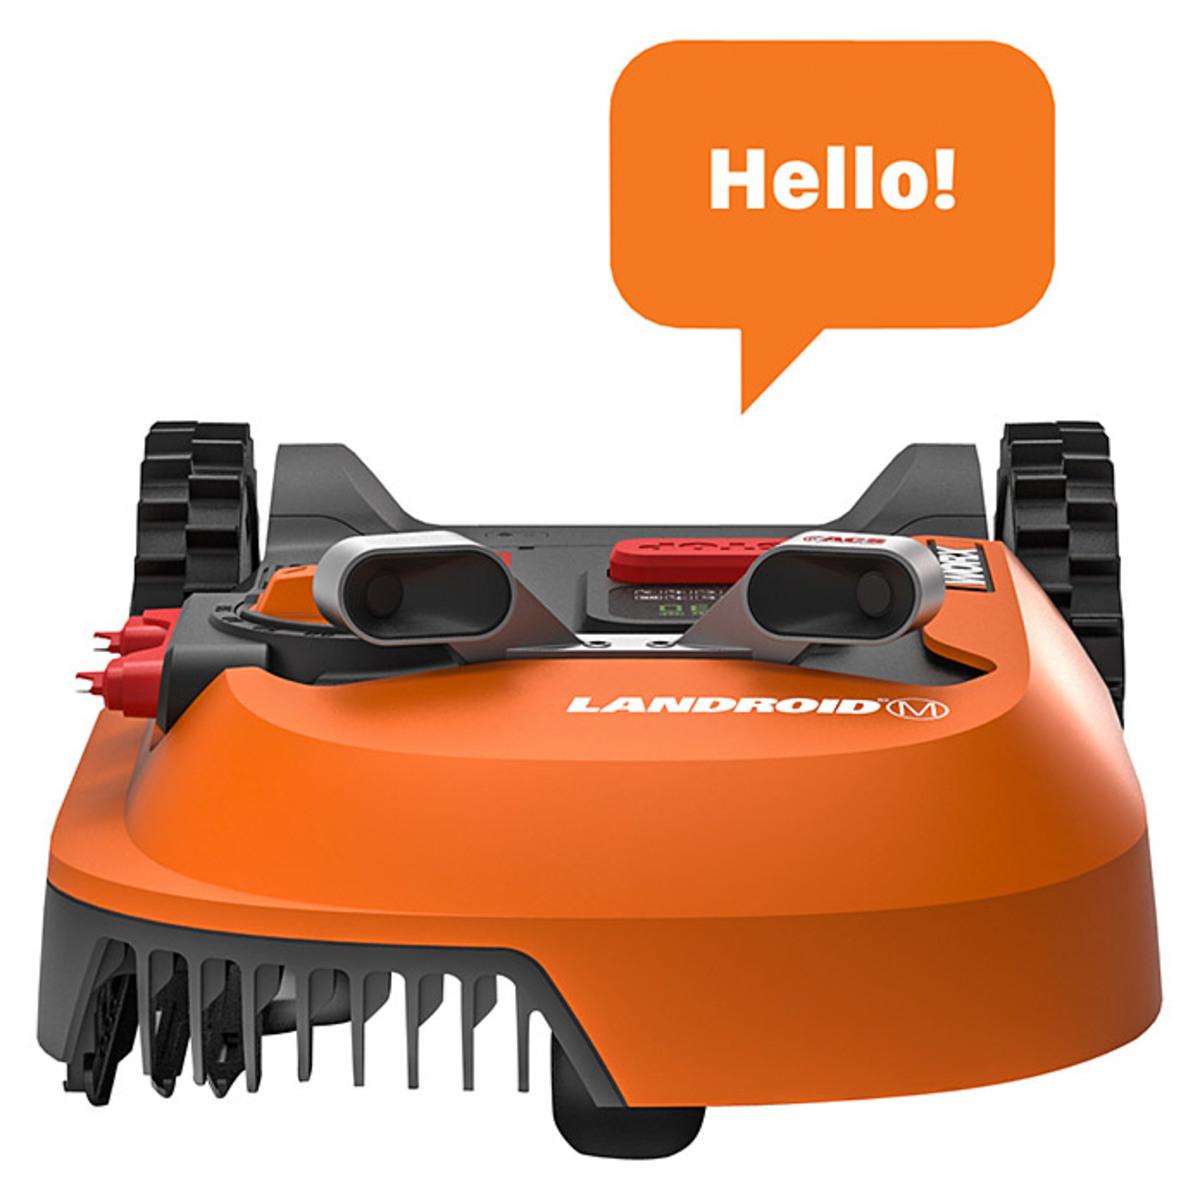 Bild 2 von Worx Landroid Spracherkennungsmodul Voice Control